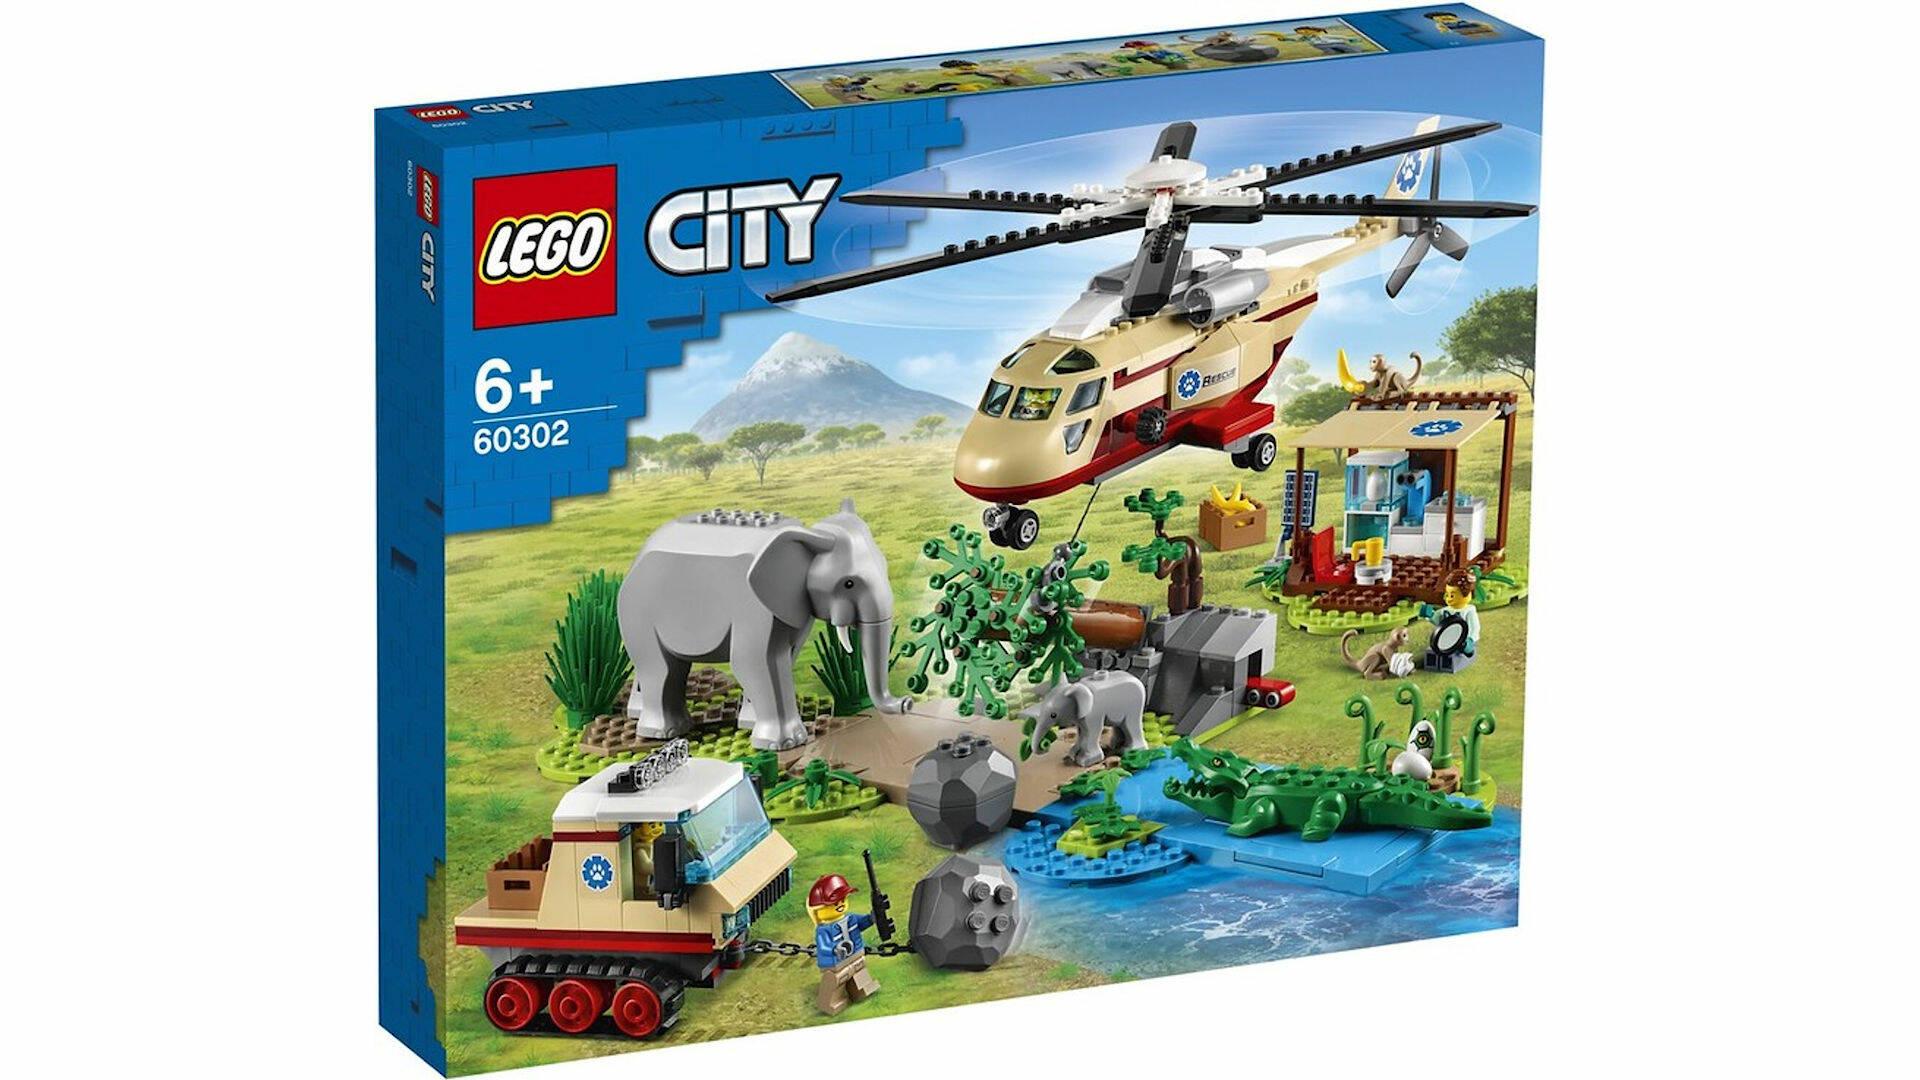 LEGO CITY ANIMAL RESCUE